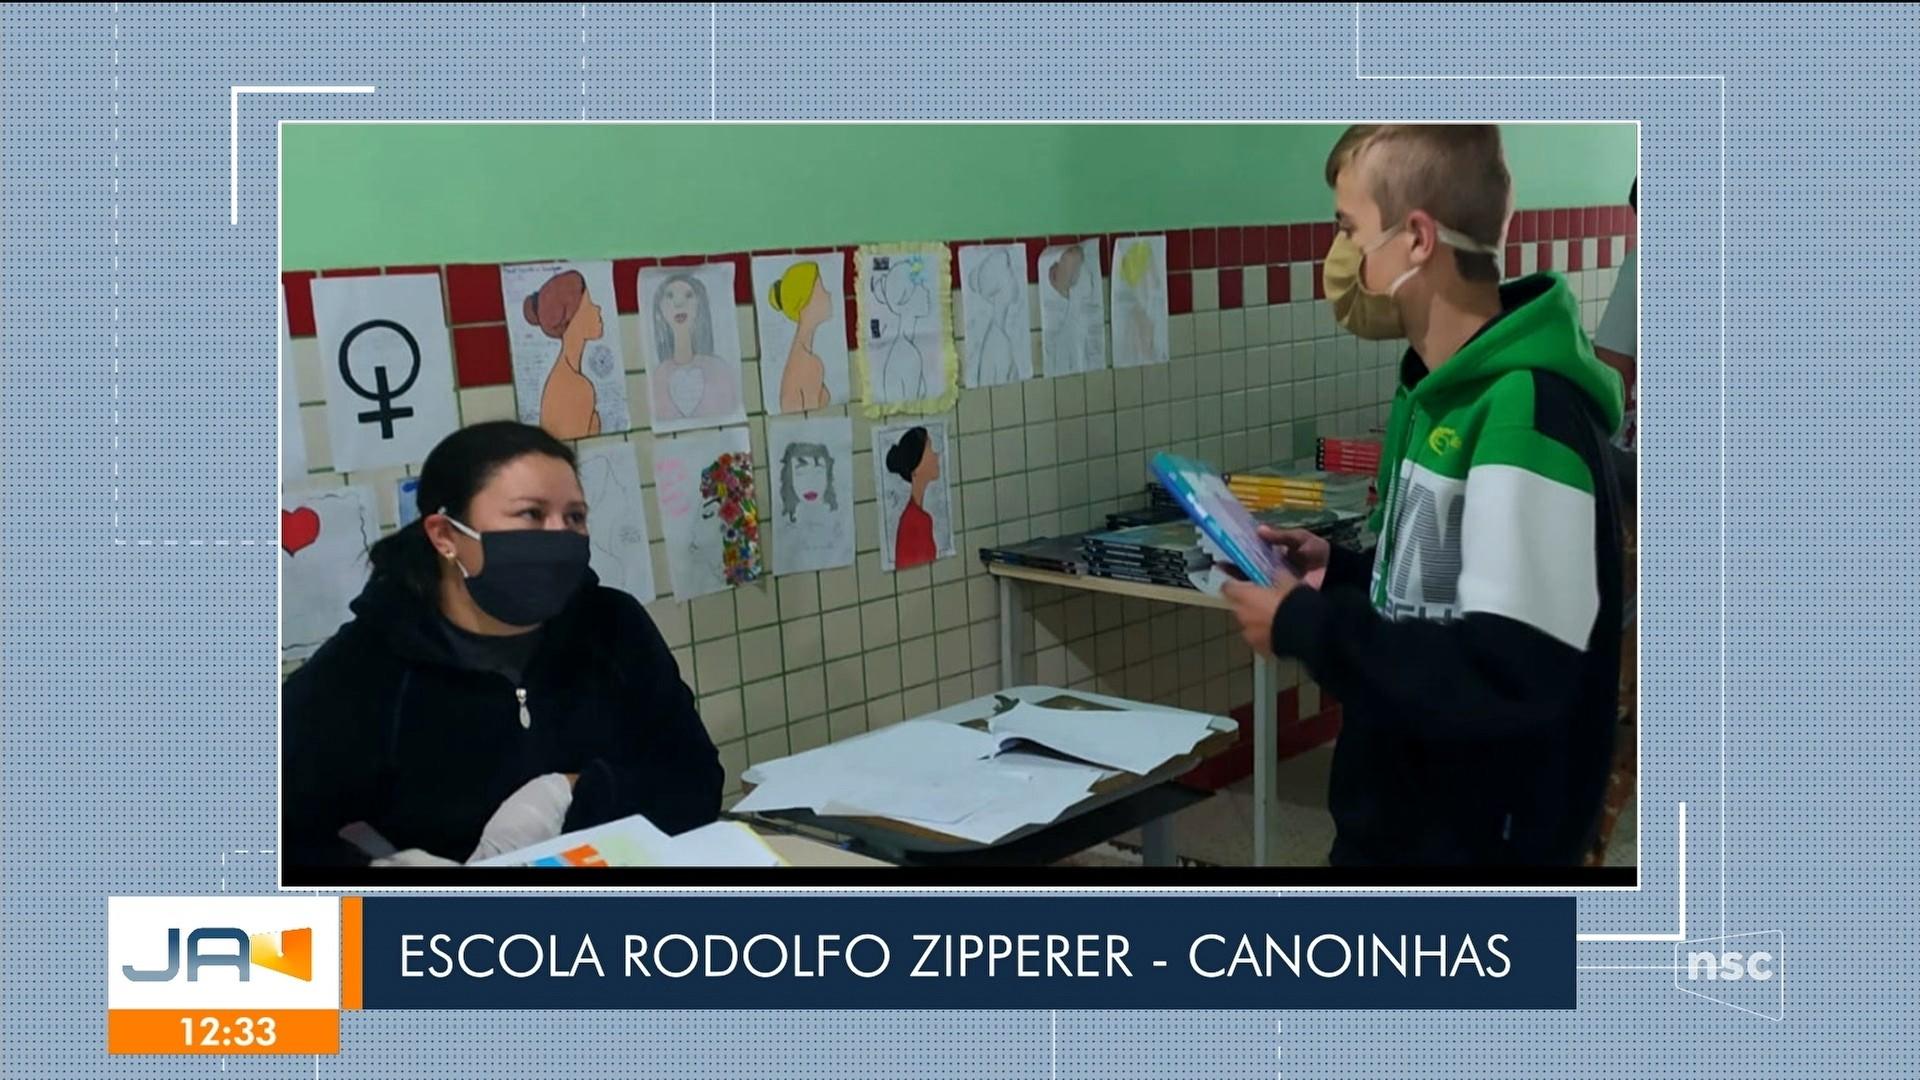 VÍDEOS: Jornal do Almoço de sexta-feira, 29 de maio